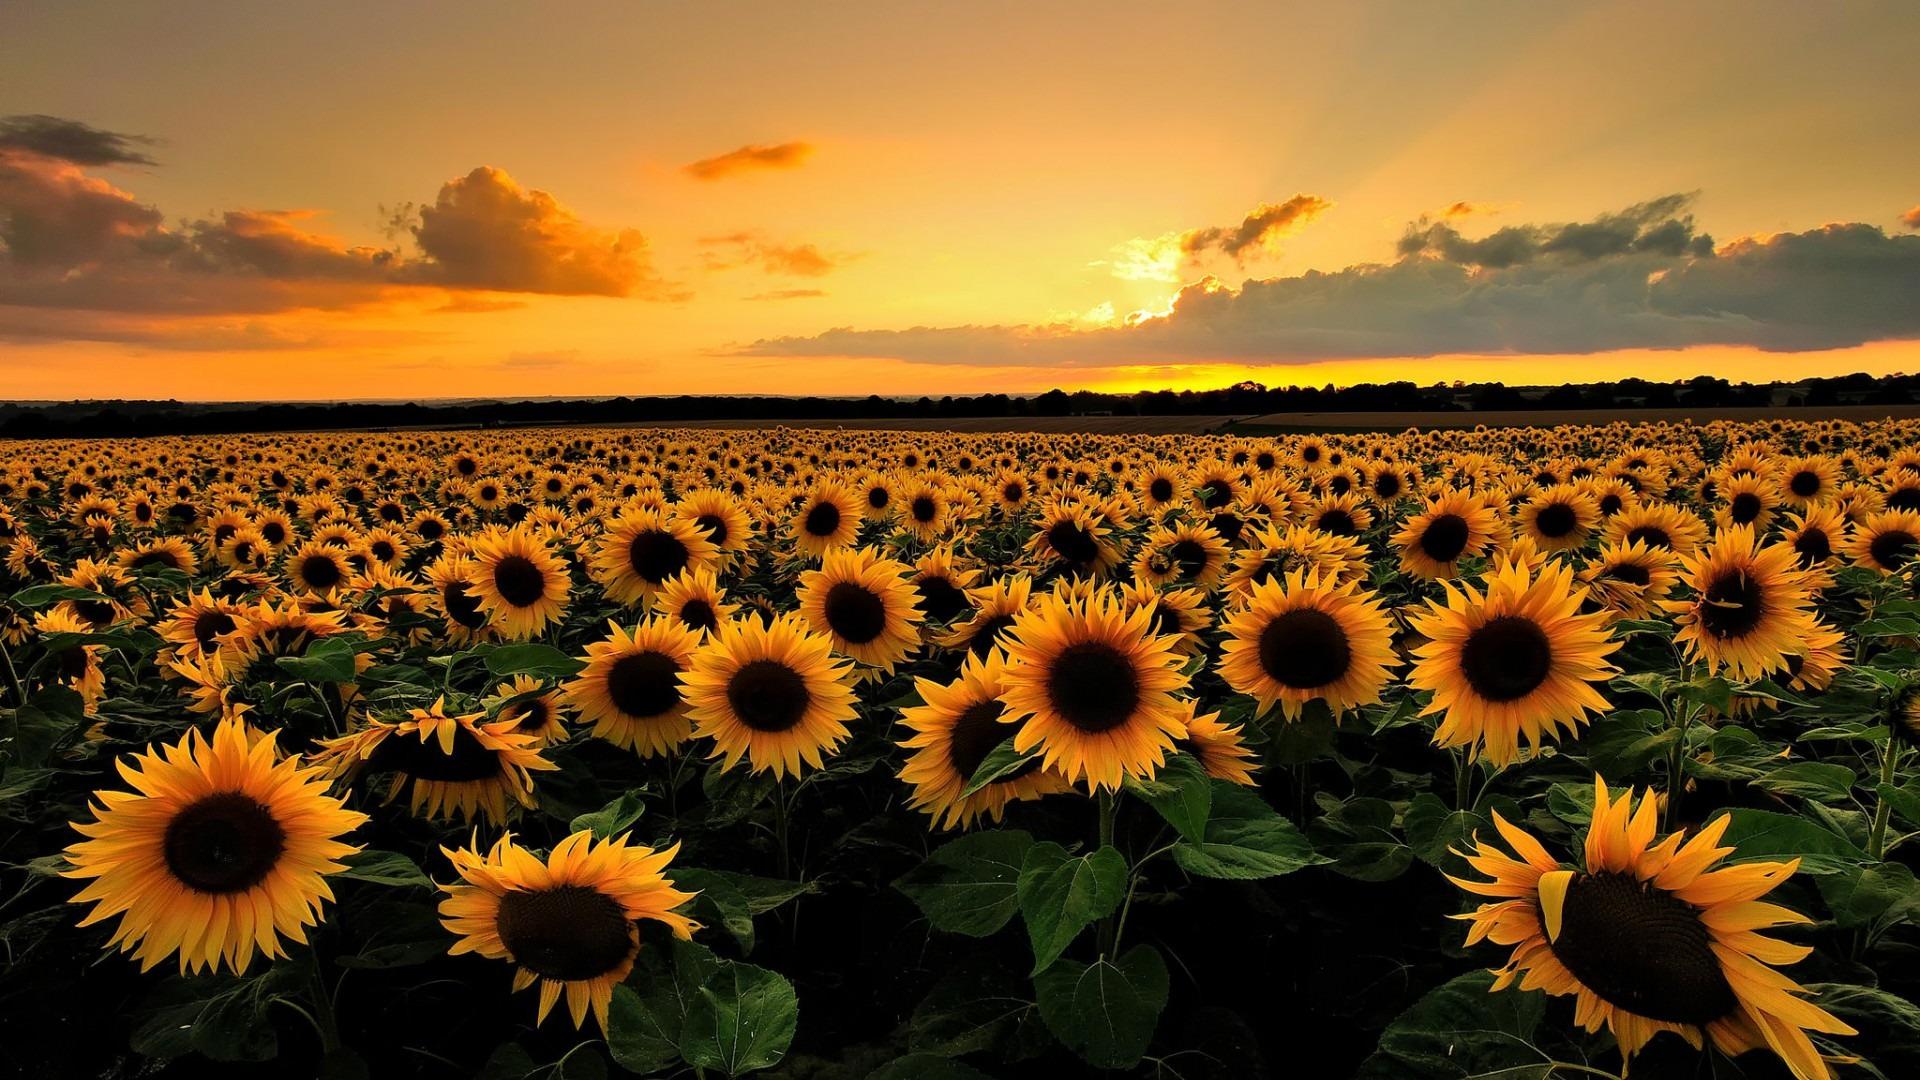 Hình ảnh hoa hướng dương dưới ánh hoàng hôn